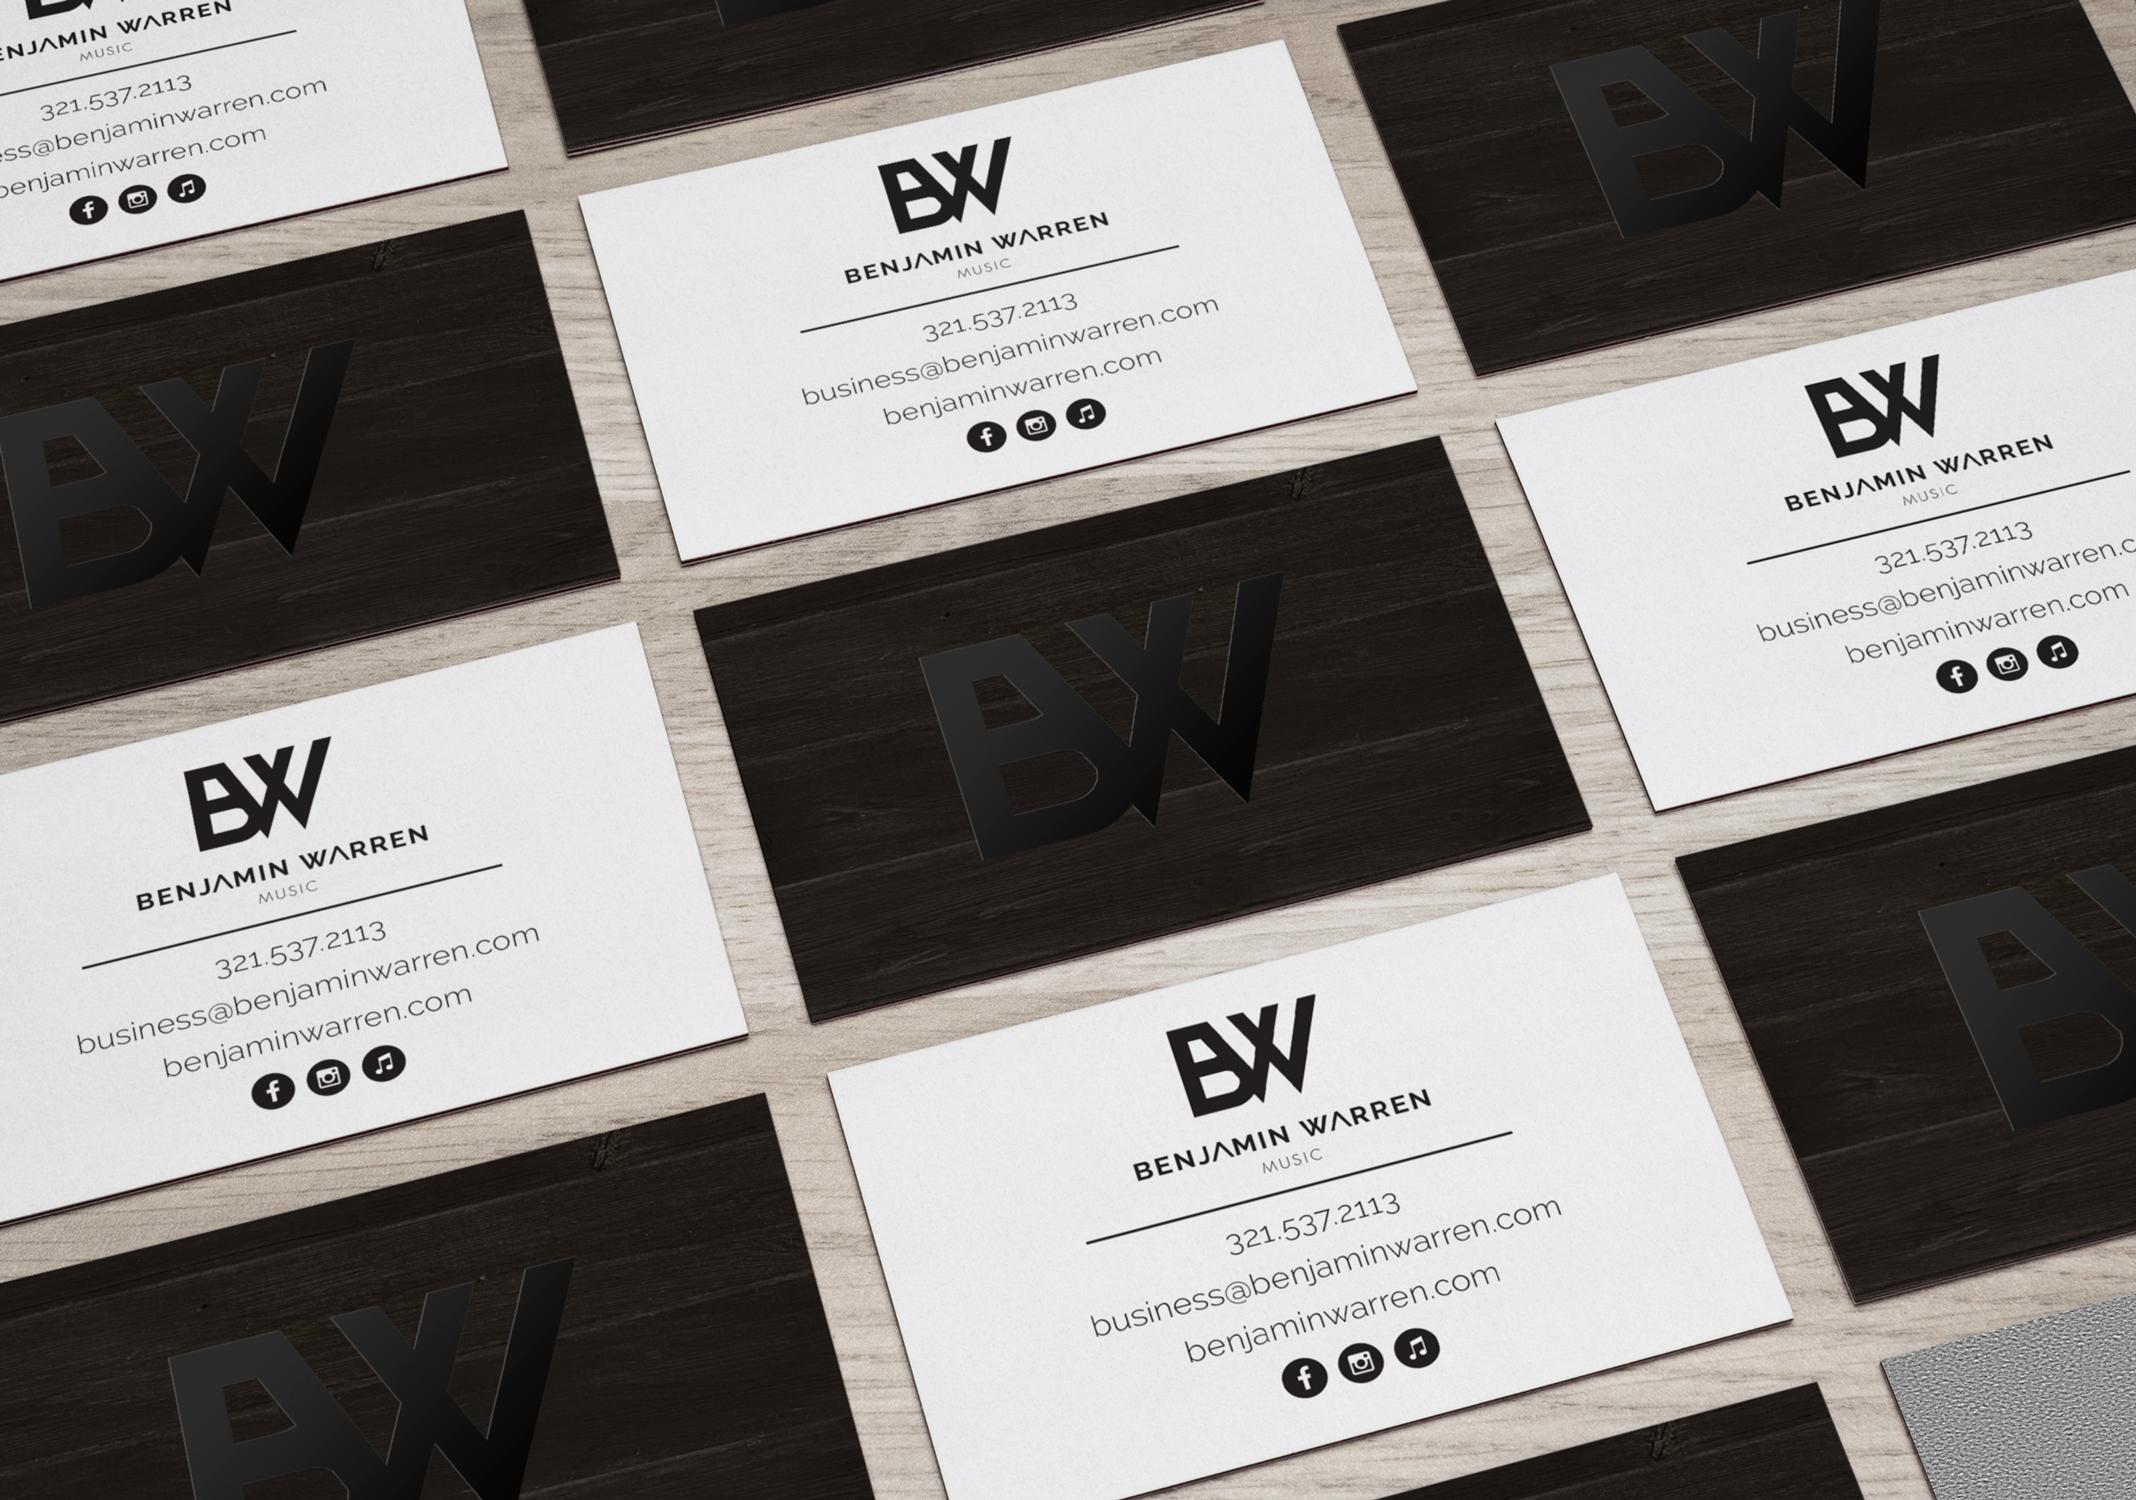 Benjamin Warren's Business Cards